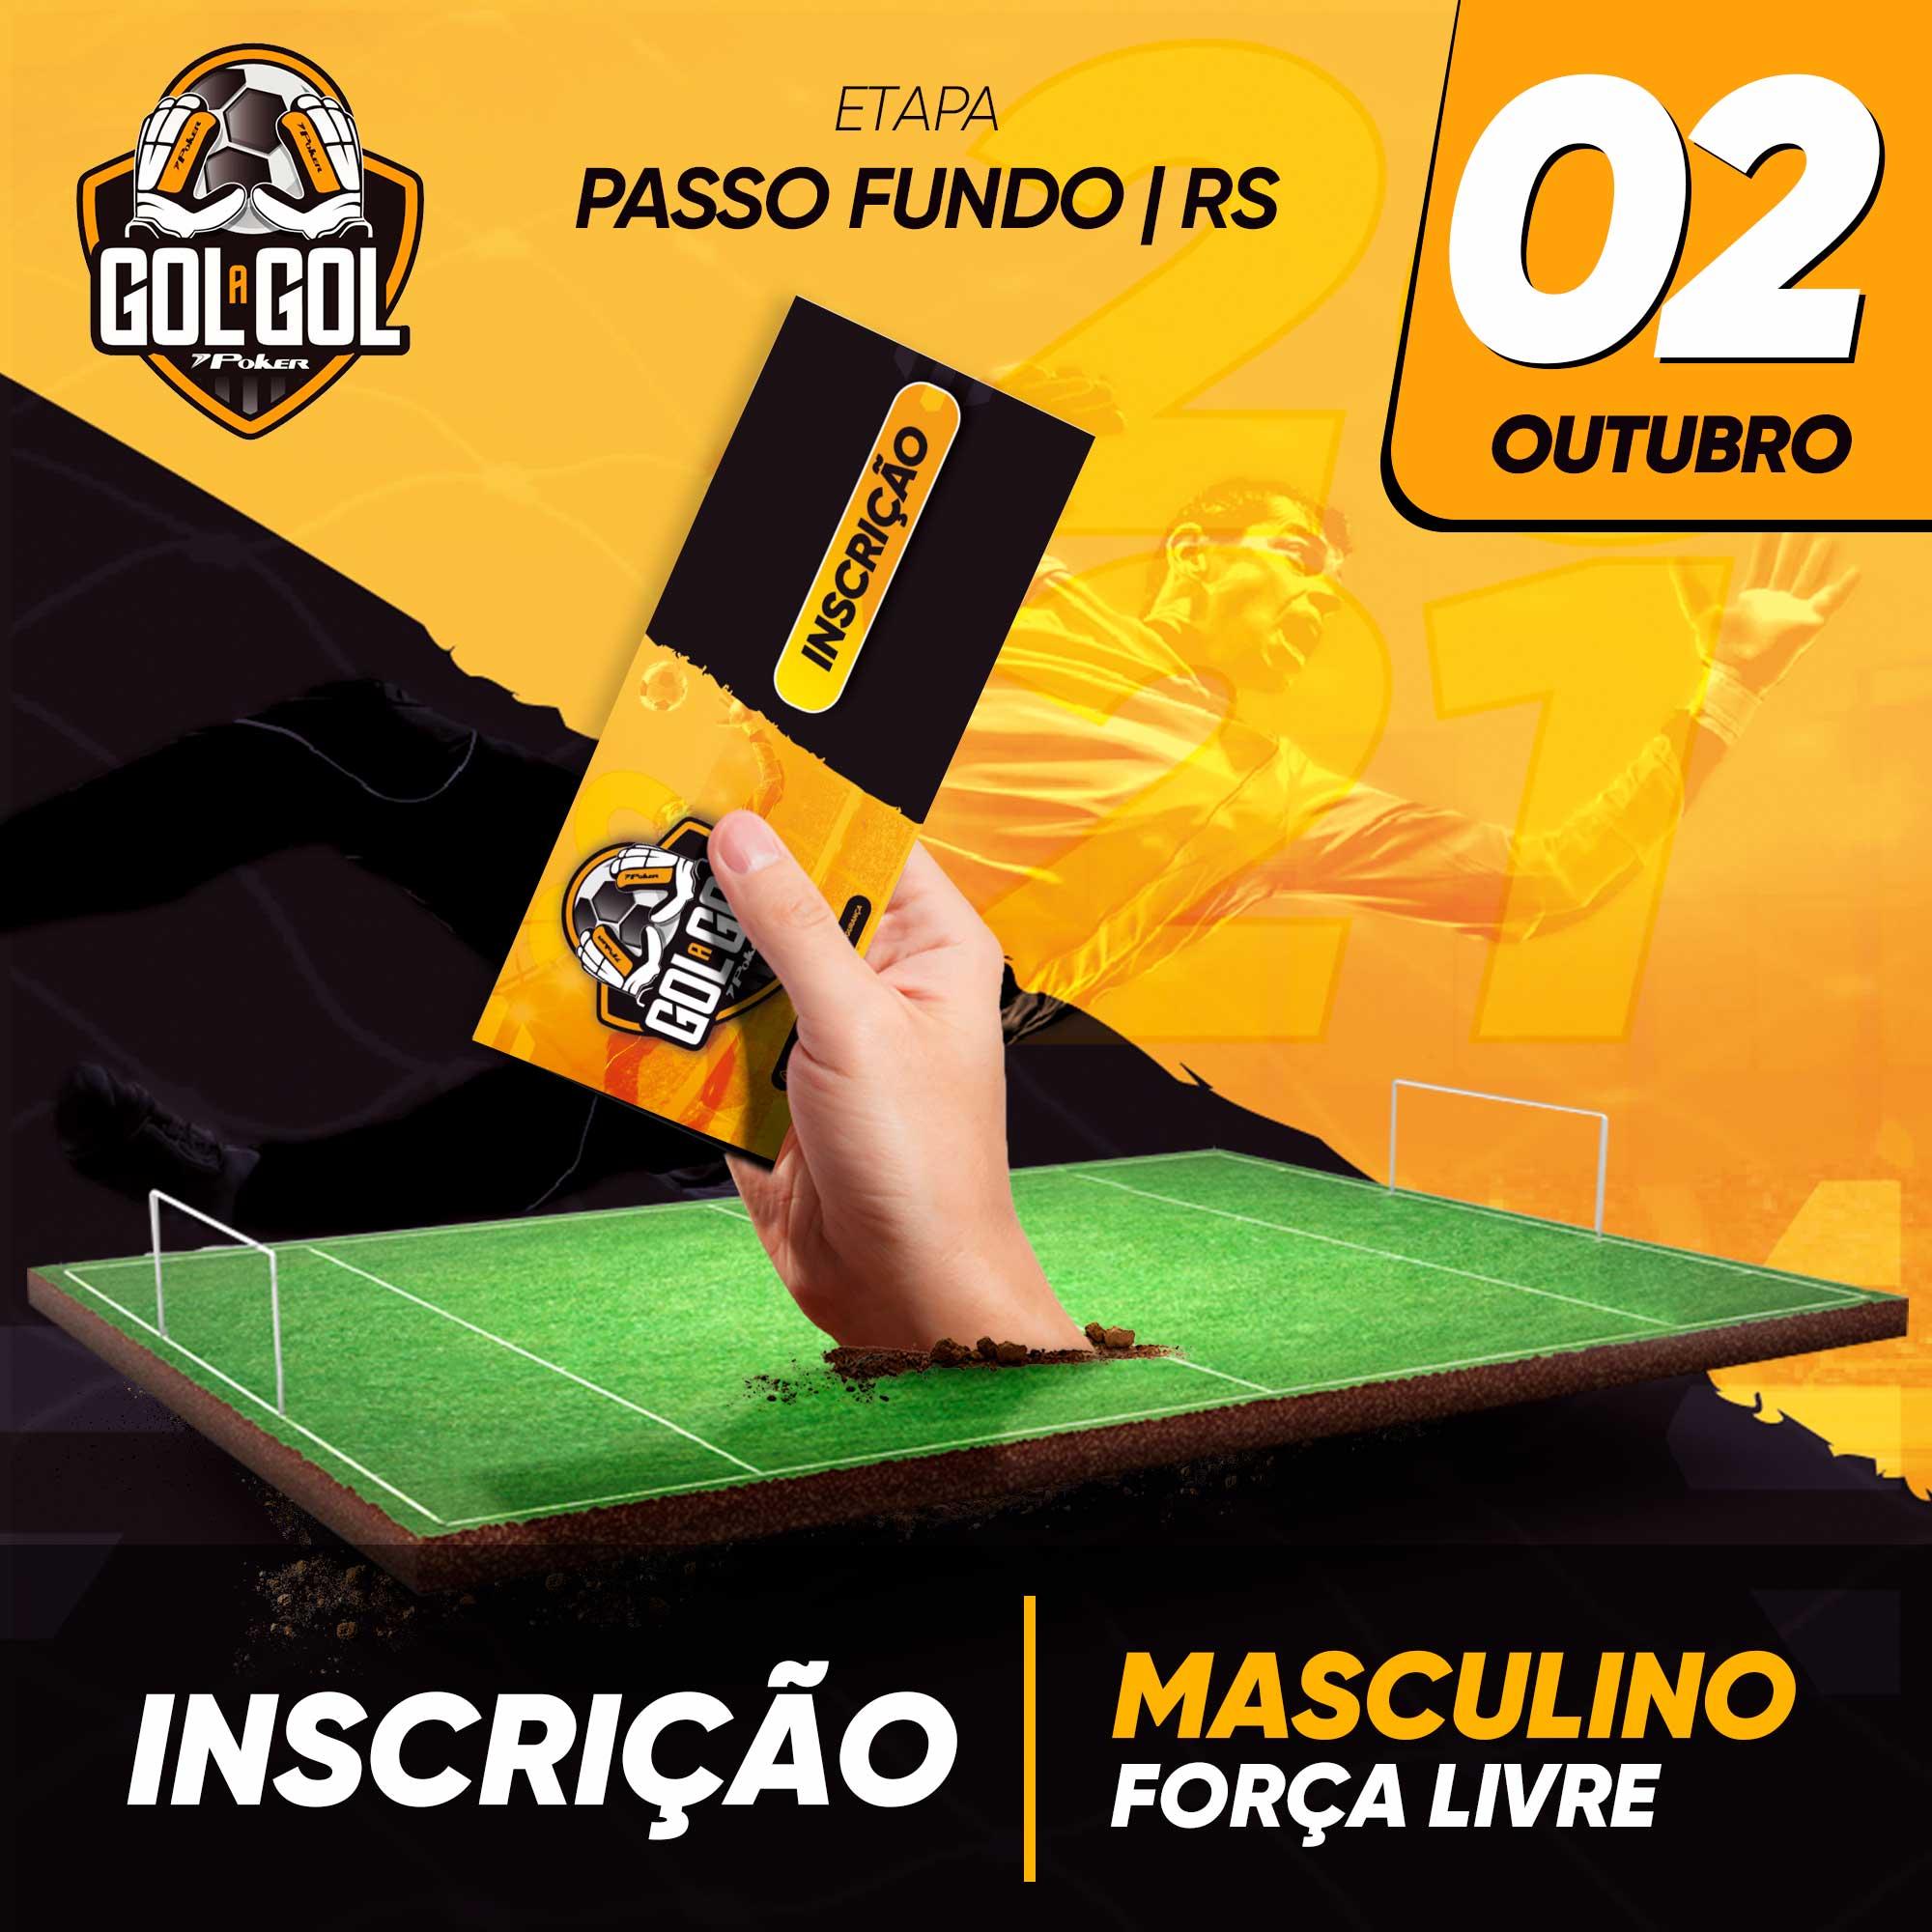 Inscrição (sem luvas) Gol a Gol Passo Fundo/RS  02/10/2021